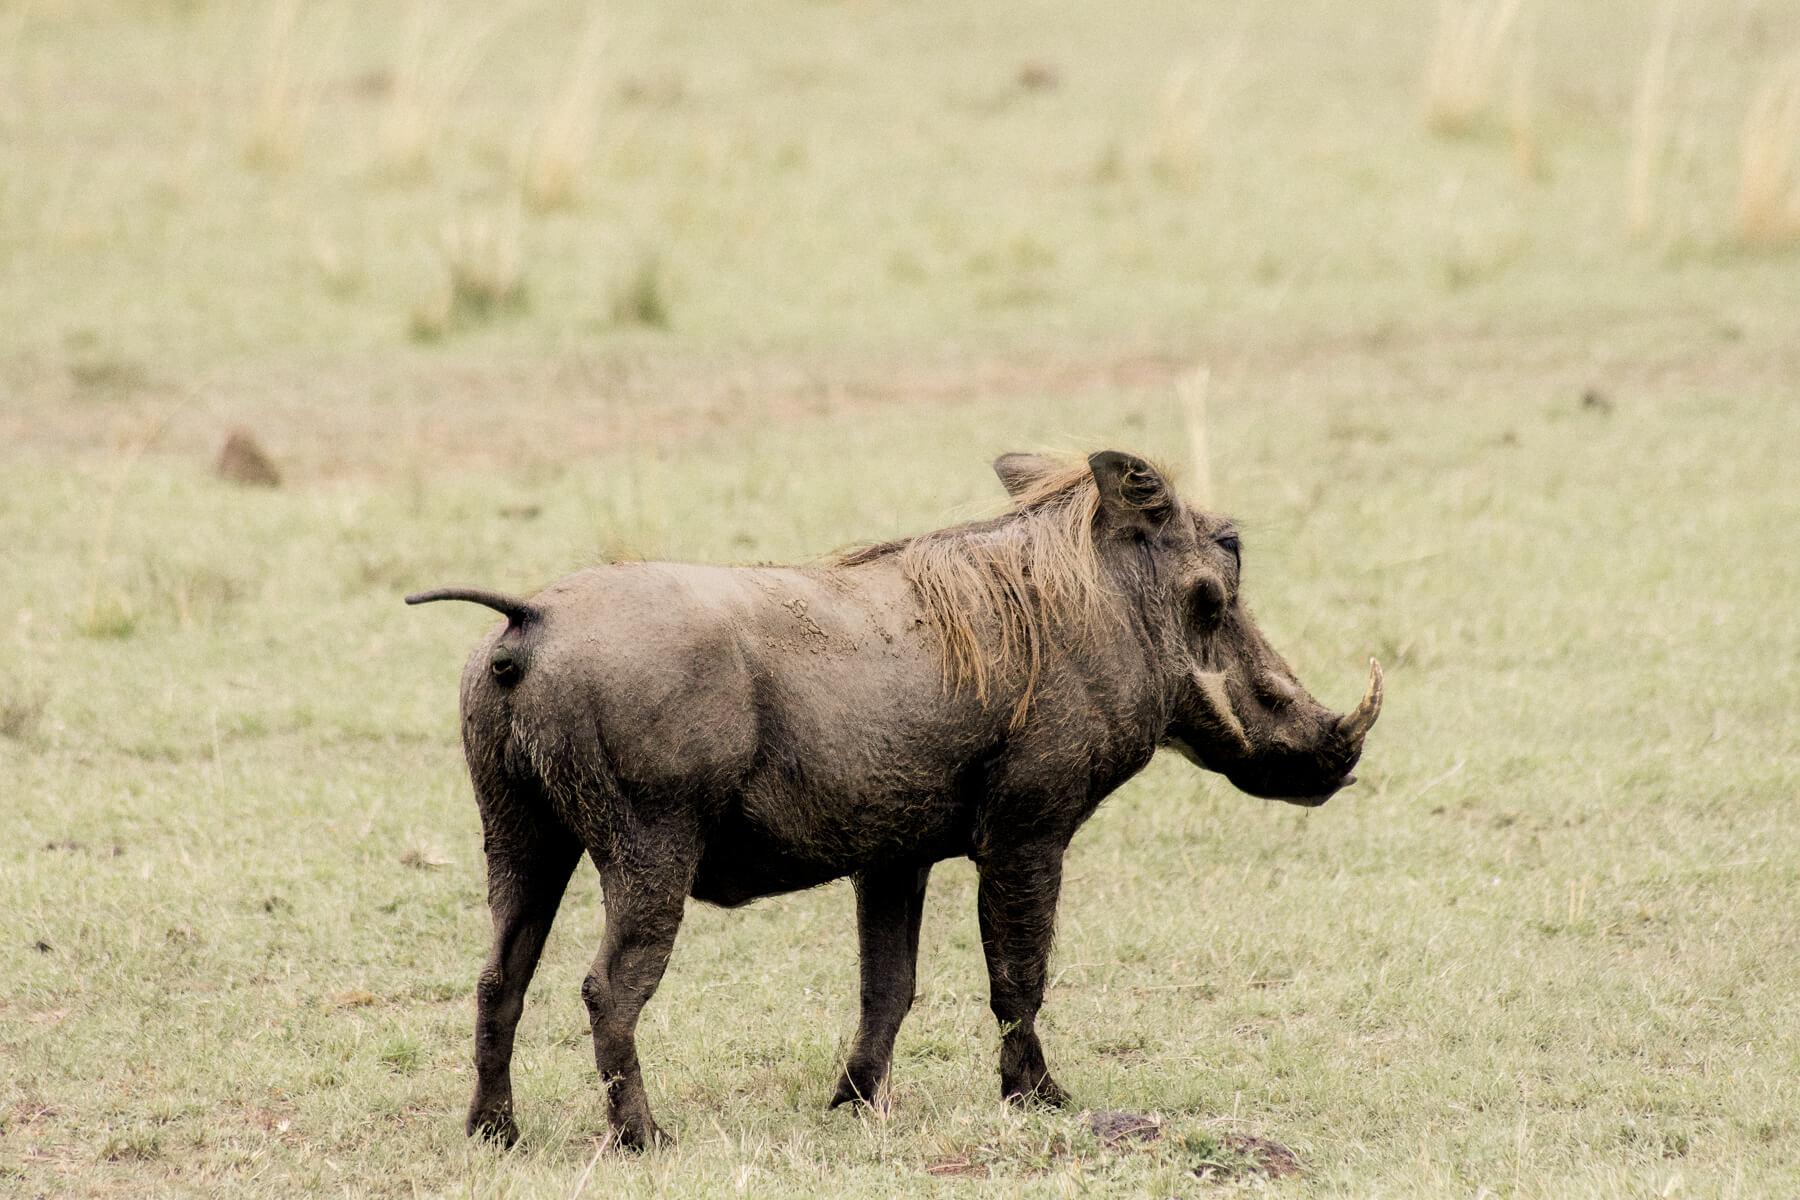 A male warthog standing in the Maasai Mara